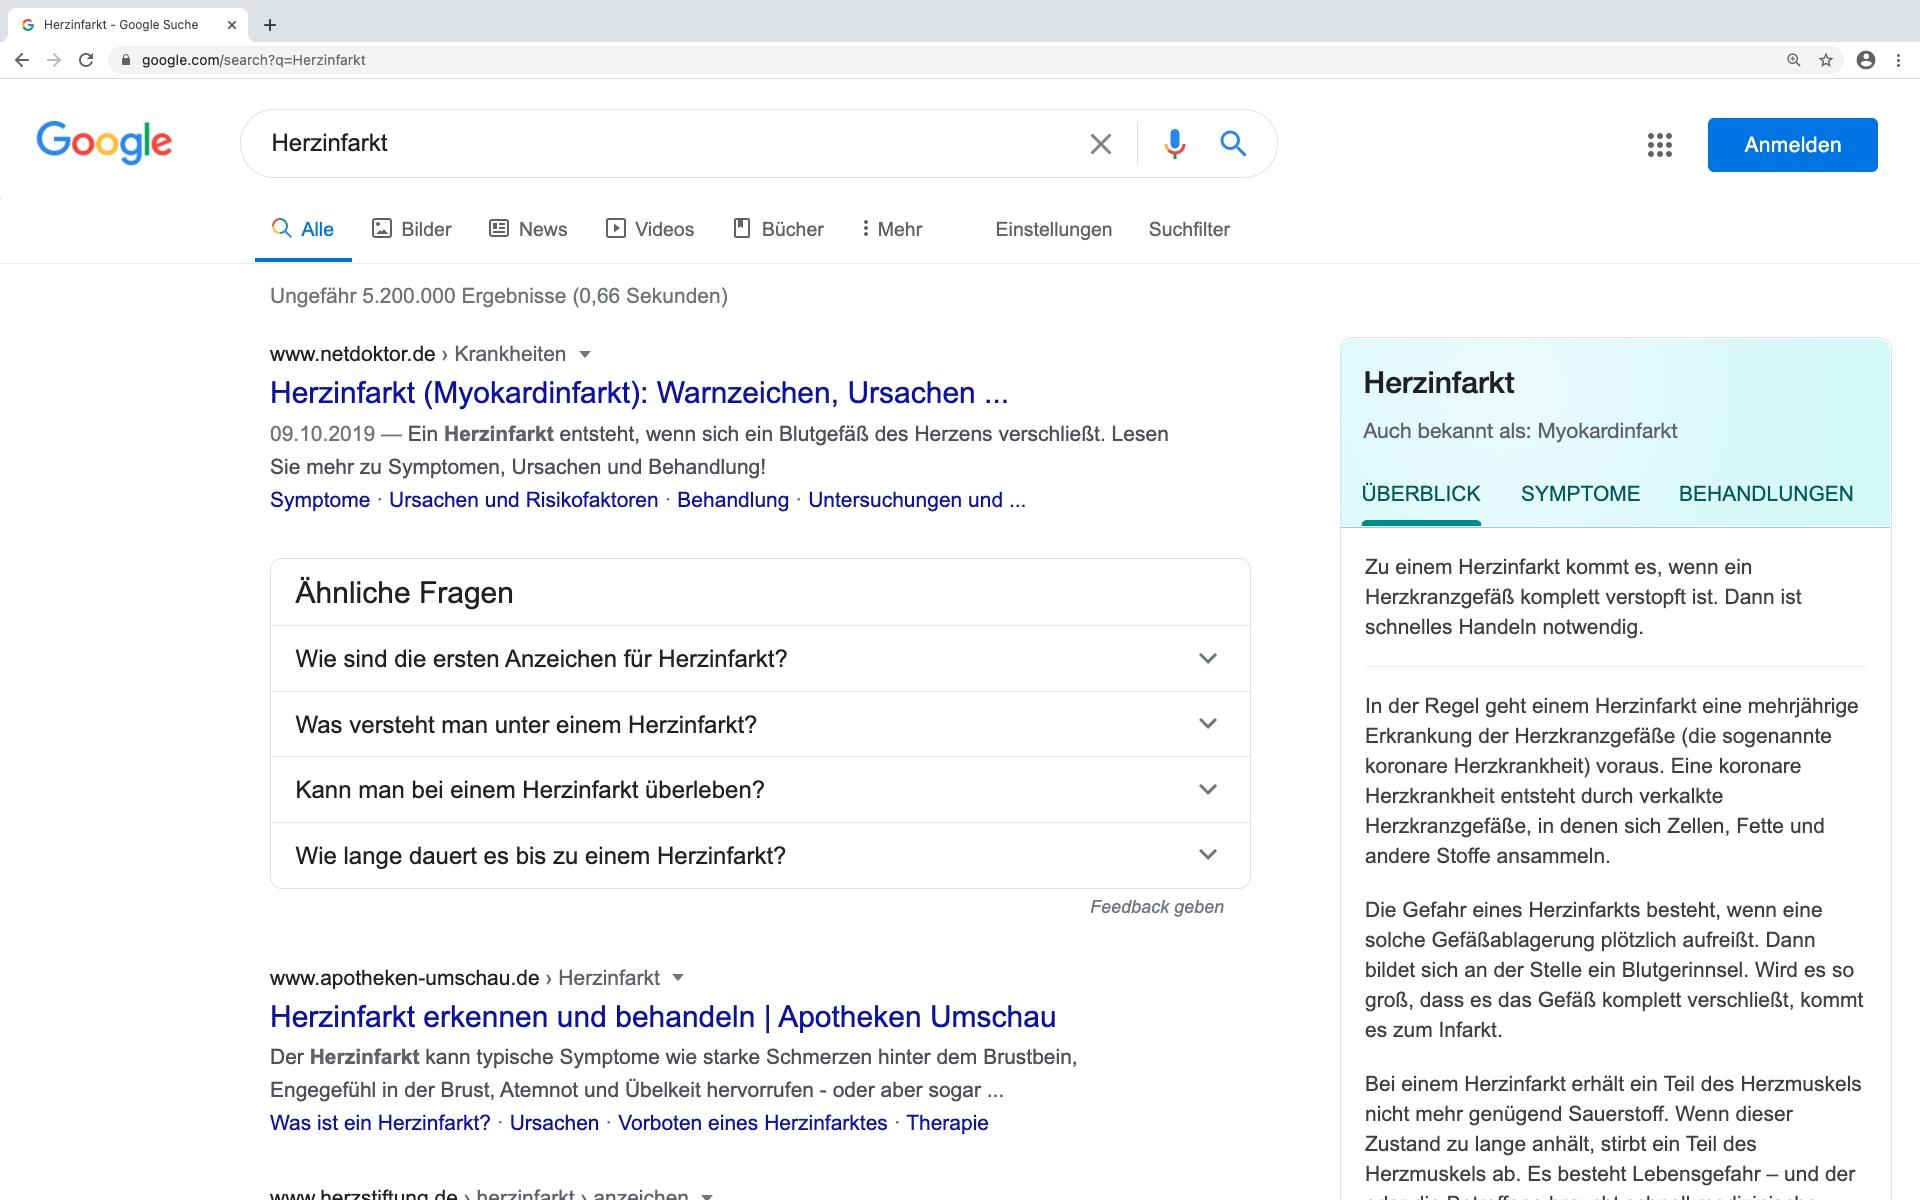 Screenshot Google-Suche zu Herzinfarkt